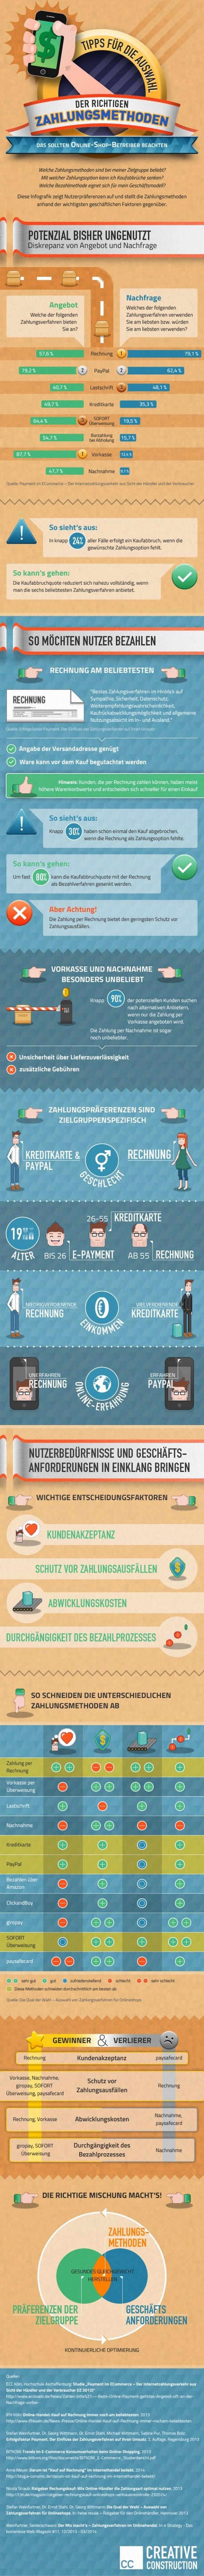 Richtige Zahlungsmethoden im E-Commerce: Kaufentscheidungs-Einfluss im Überblick (Infografik)